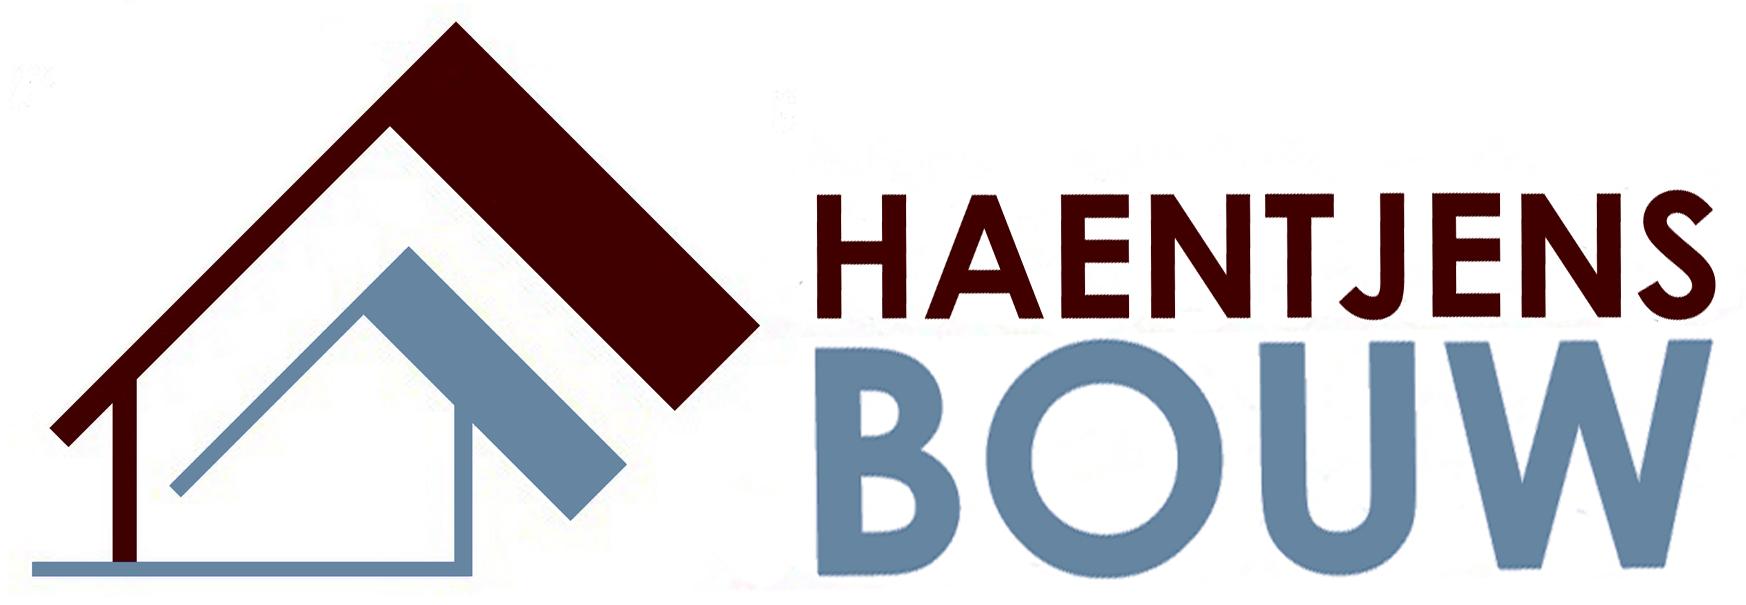 Haentjens Bouw